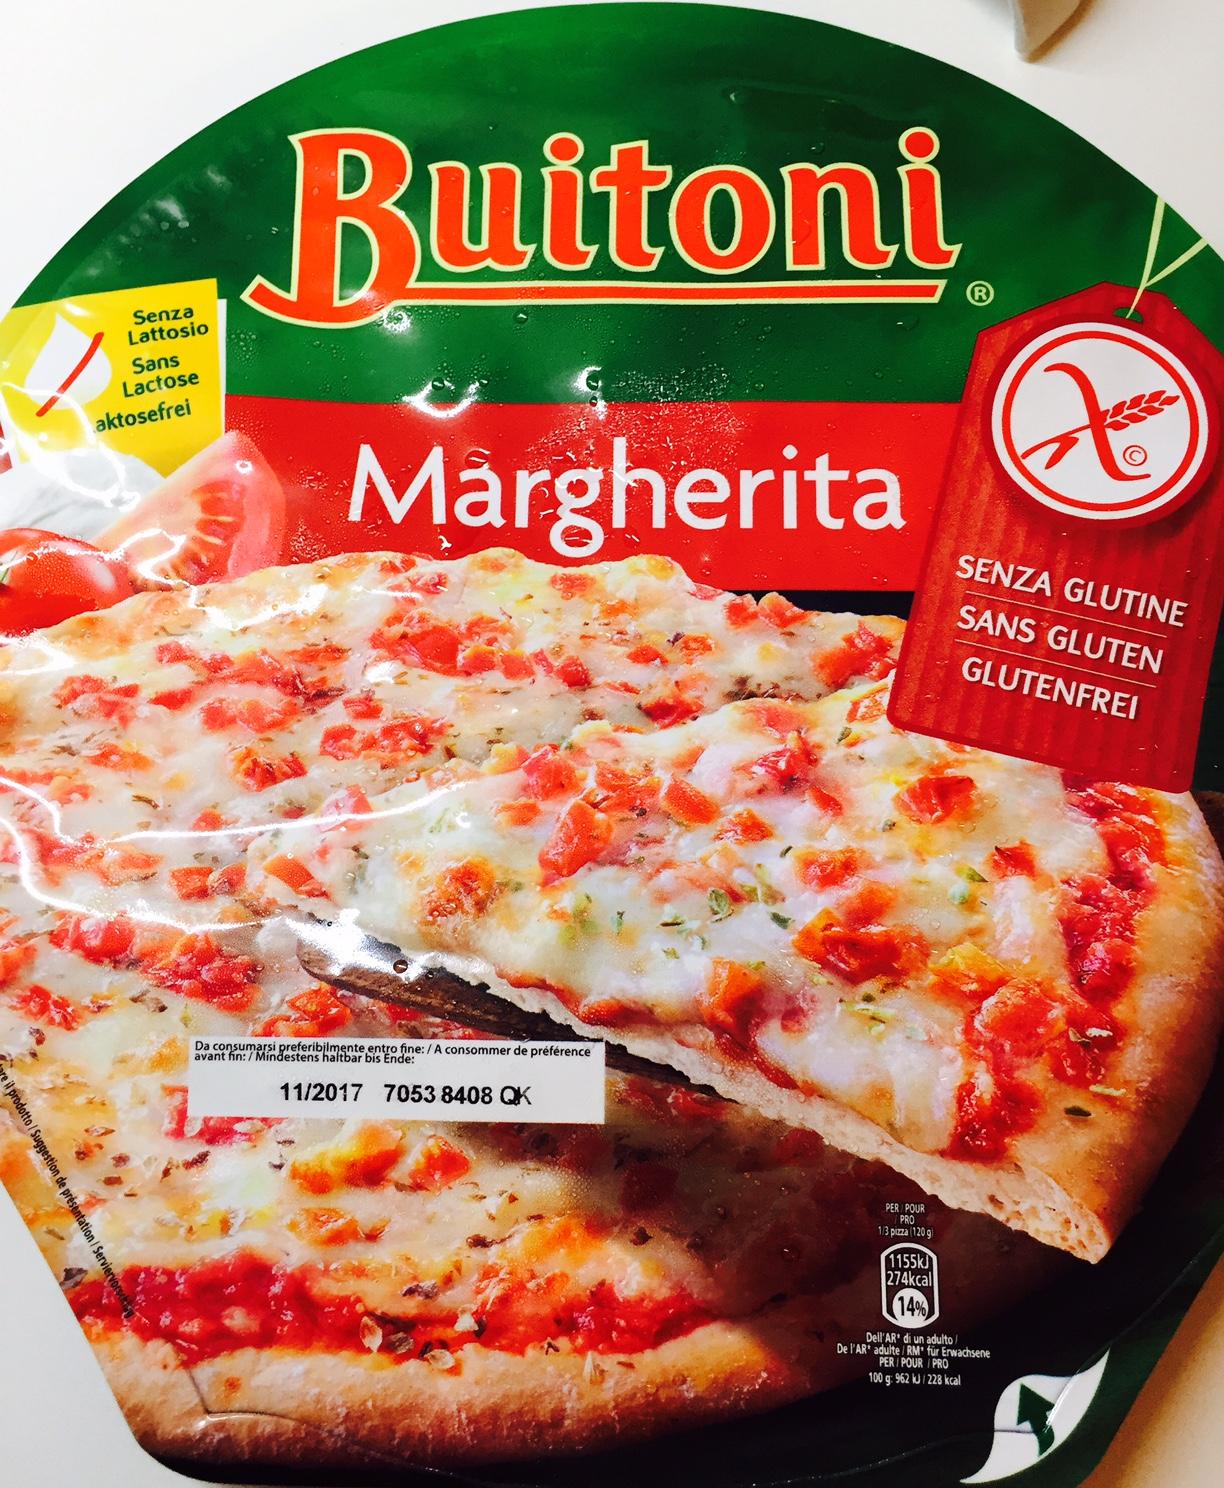 Pizza senza lattosio Buitoni - lattosio < 0,1 Image